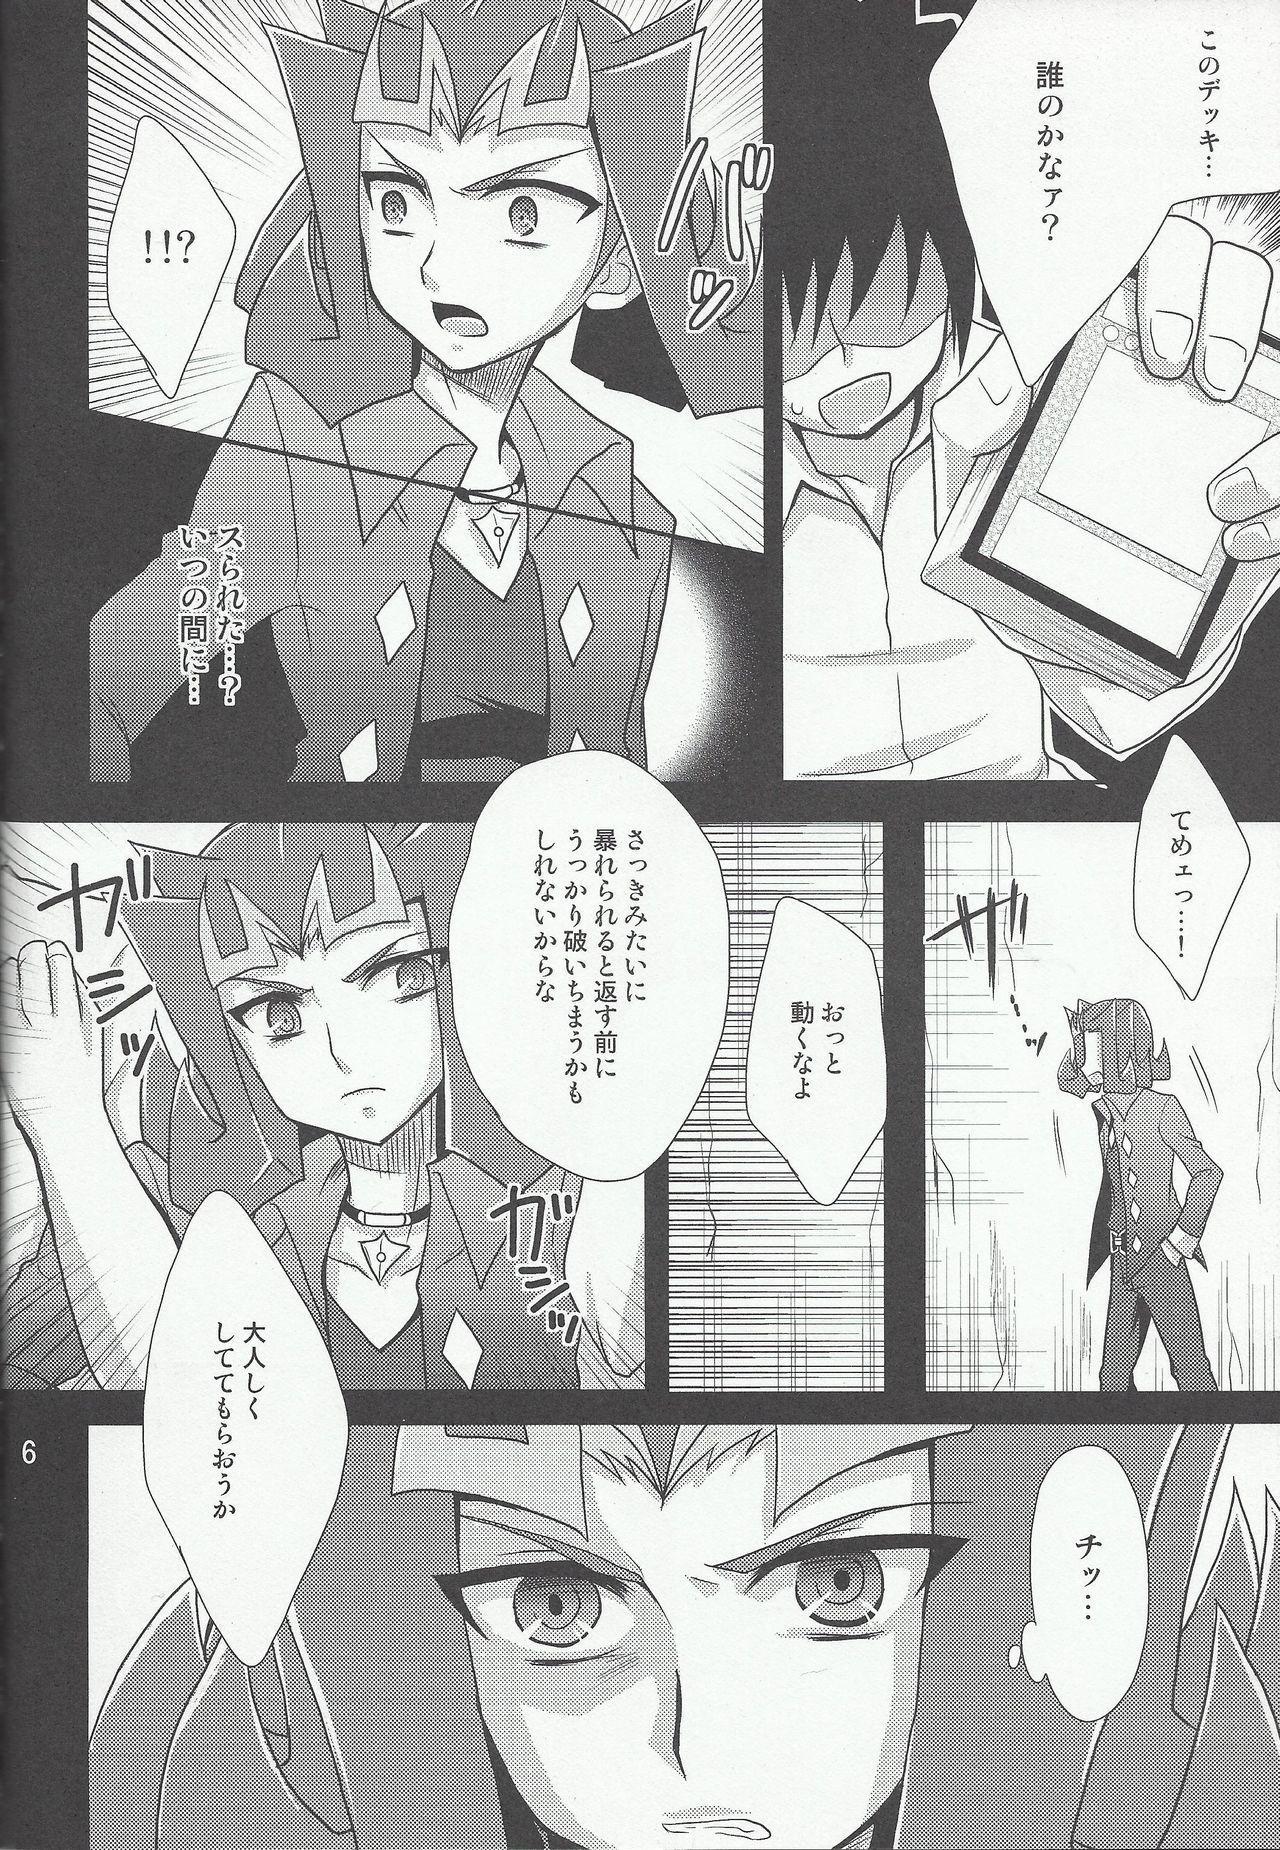 Ryoujoku 6